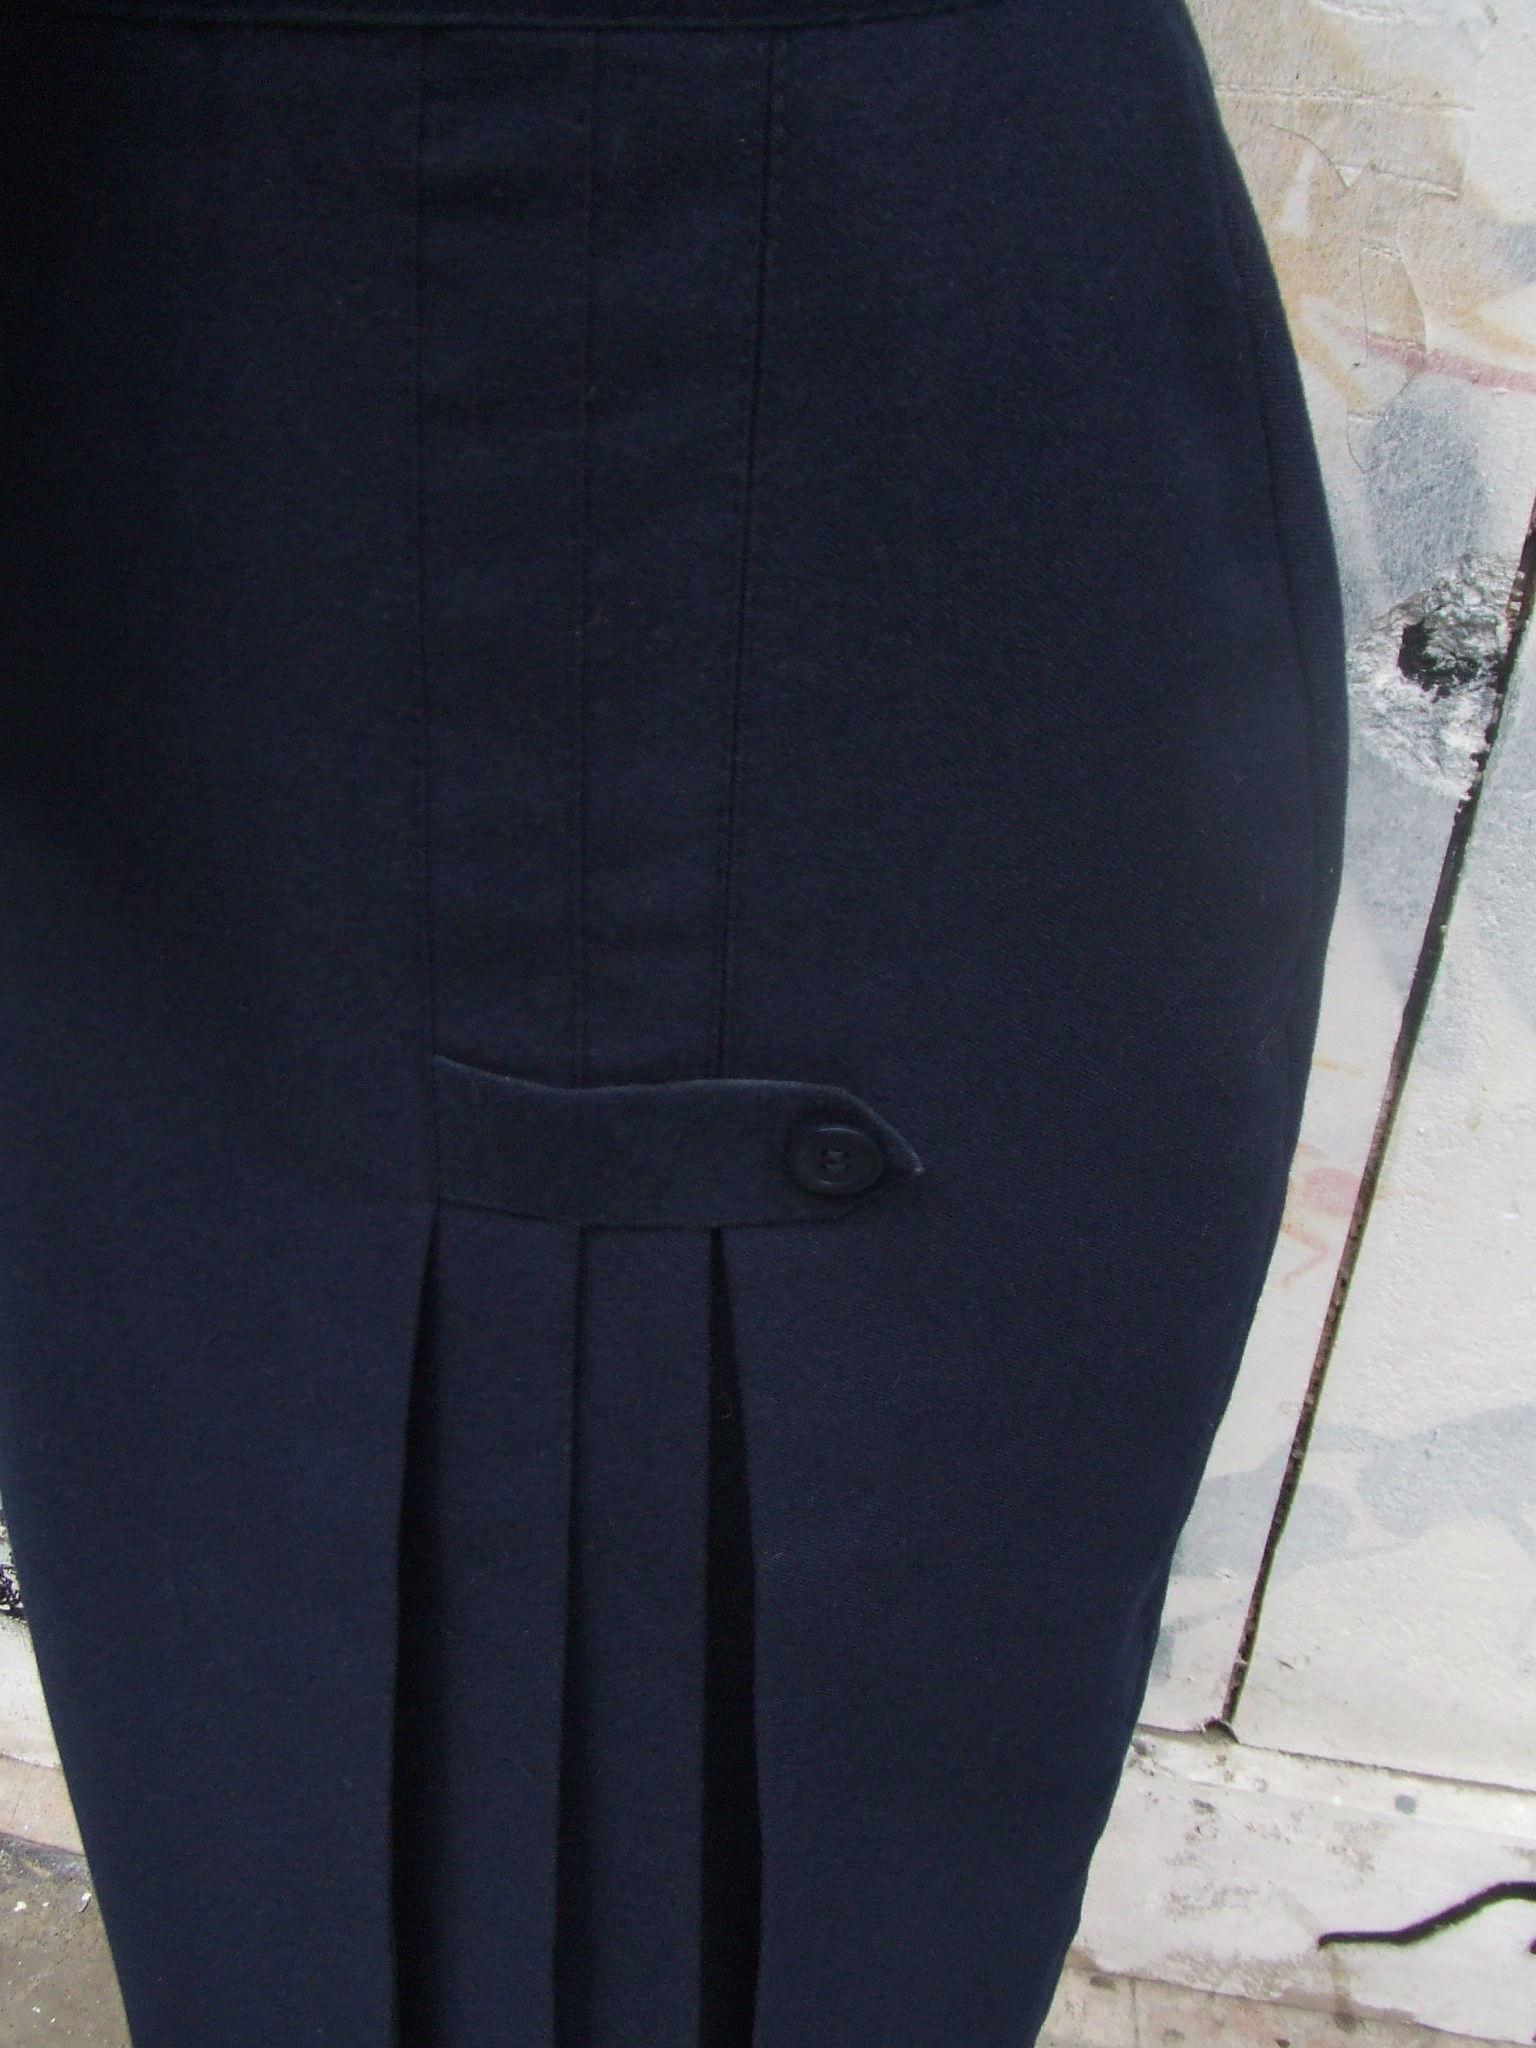 jupe droite bleu marine plis quiche lorraine vintage. Black Bedroom Furniture Sets. Home Design Ideas